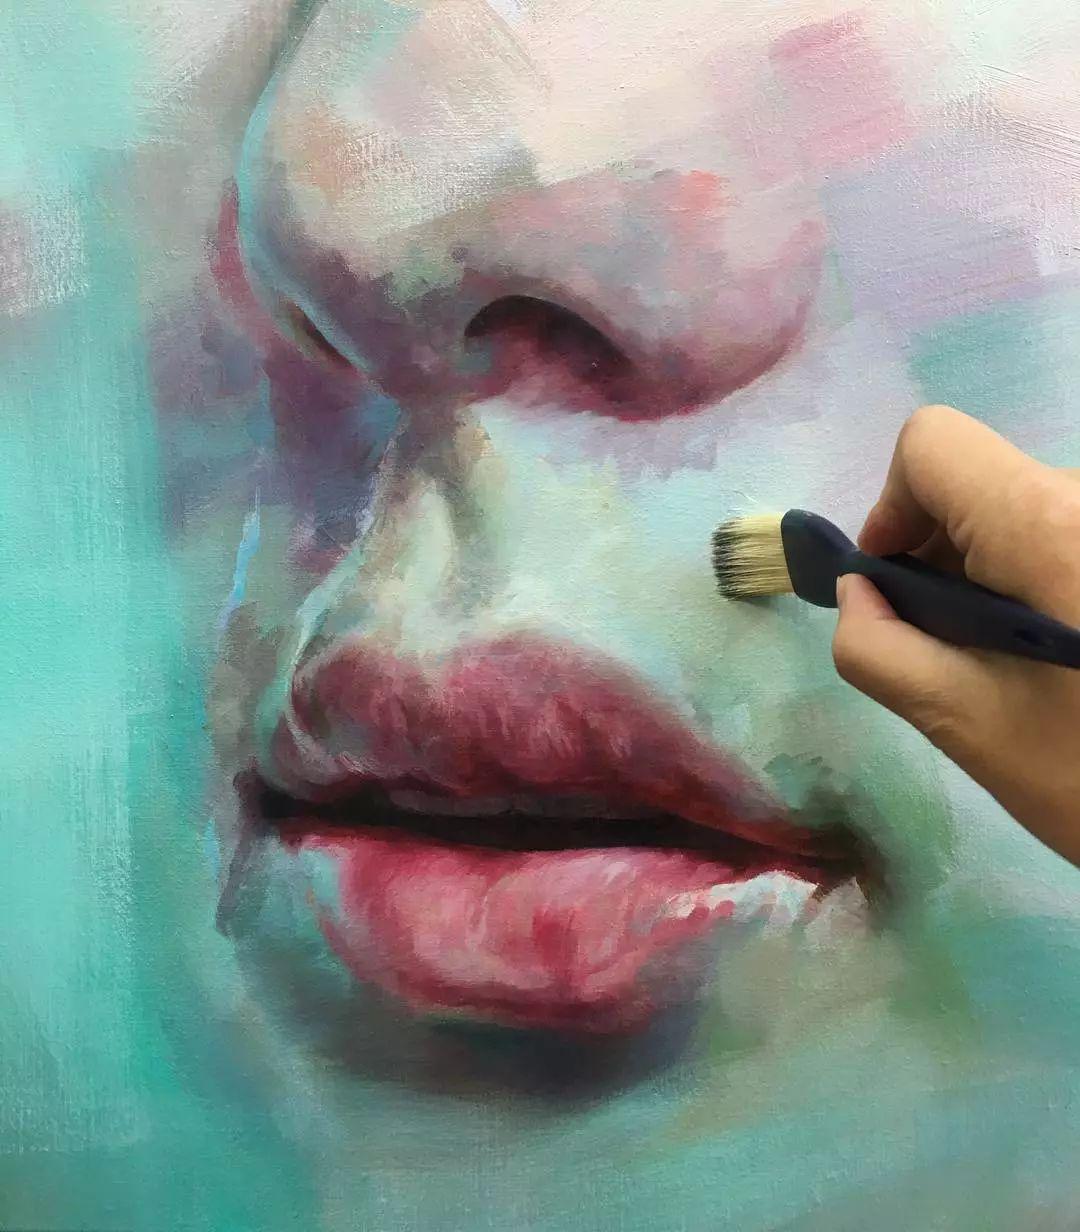 画笔留下的记忆,来自油画的魅力!插图45